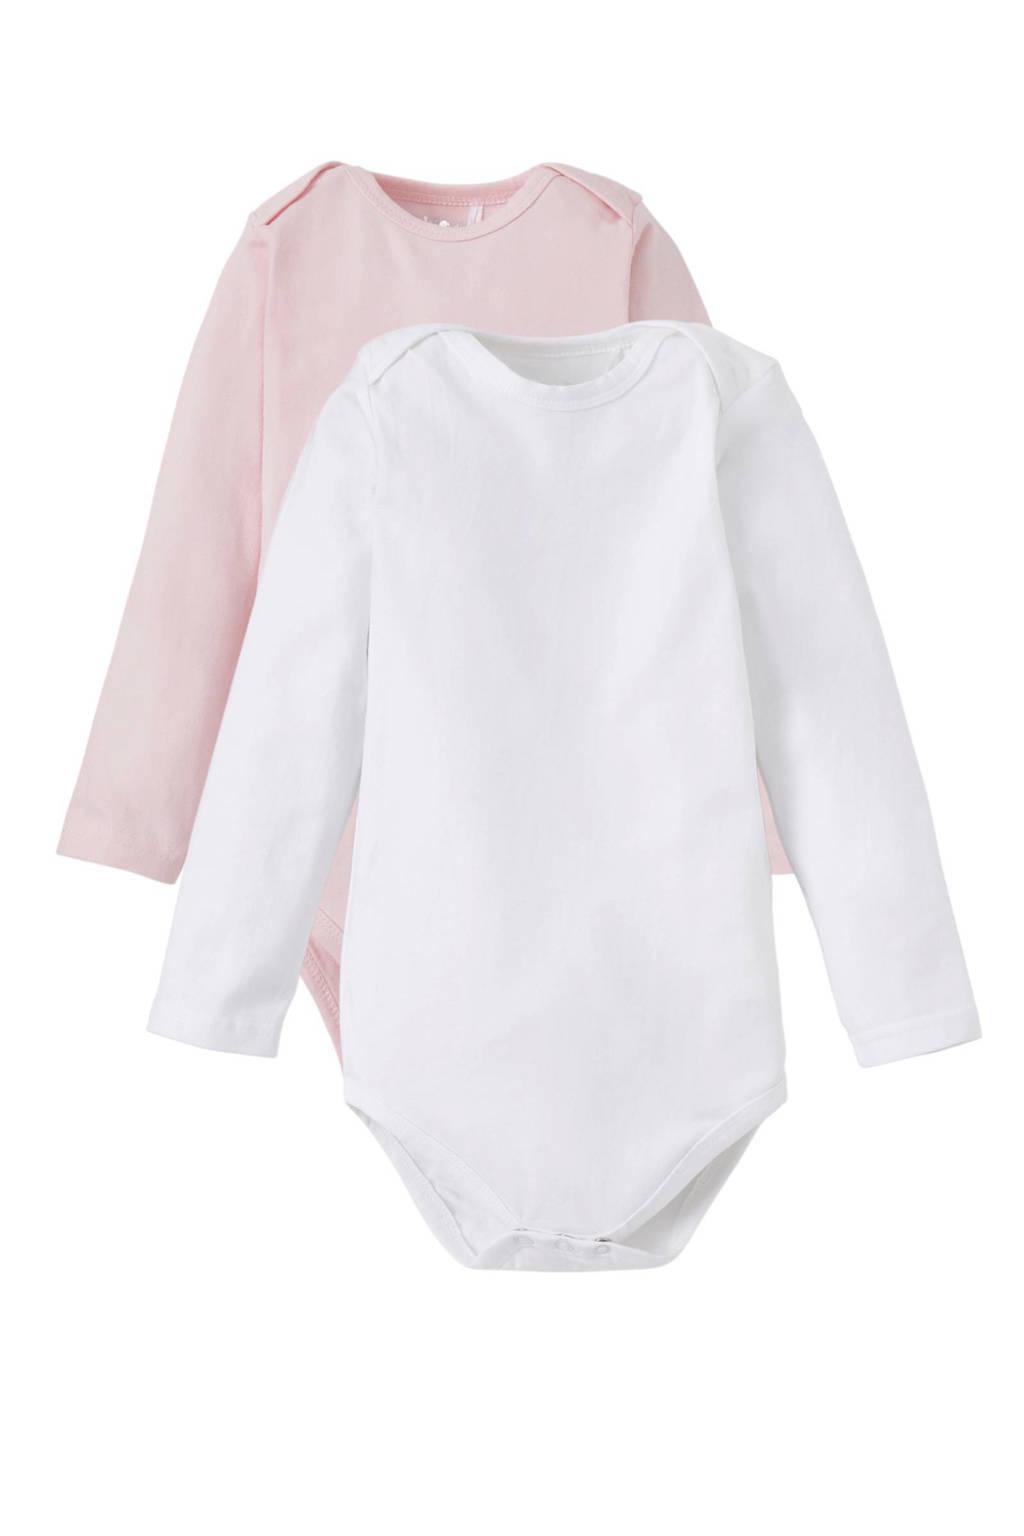 Dirkje newborn baby romper, roze / wit, Lang